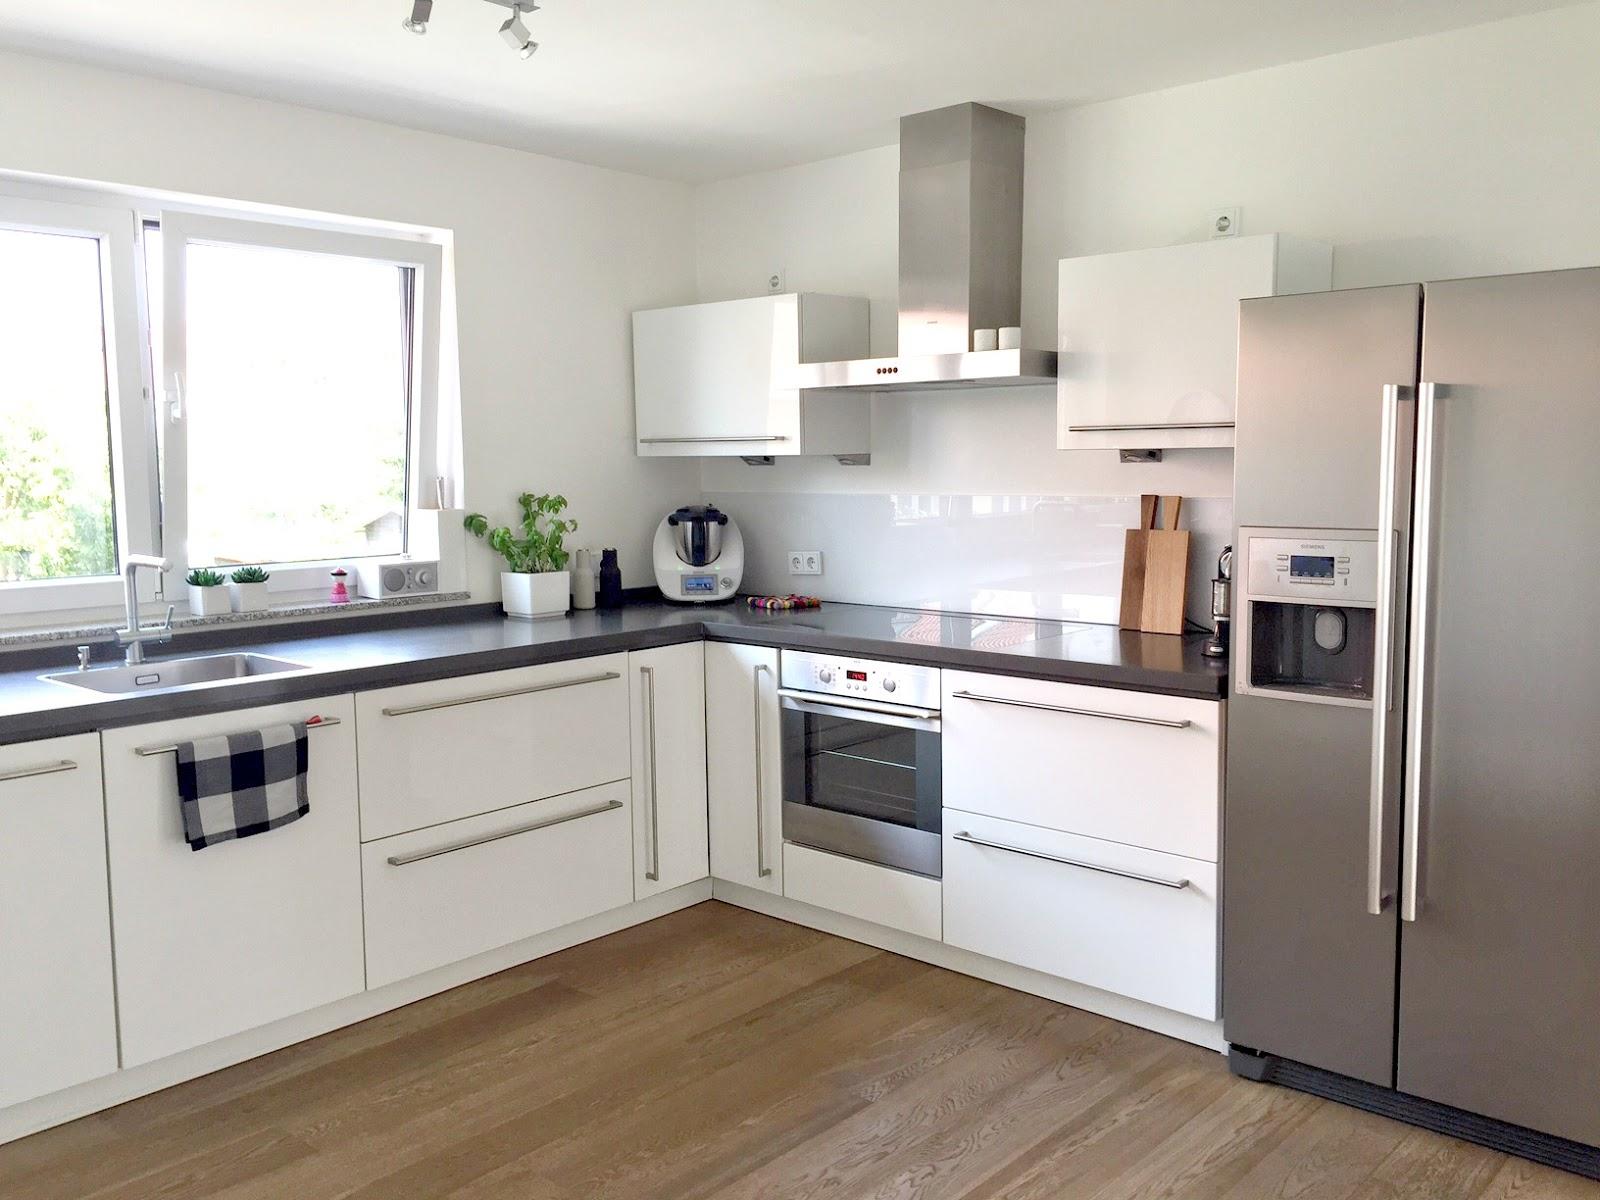 Full Size of 5 Tipps Fr Eine Wirklich Aufgerumte Kche Ordnungsliebe Sofa Alternatives Küchen Regal Wohnzimmer Alternative Küchen